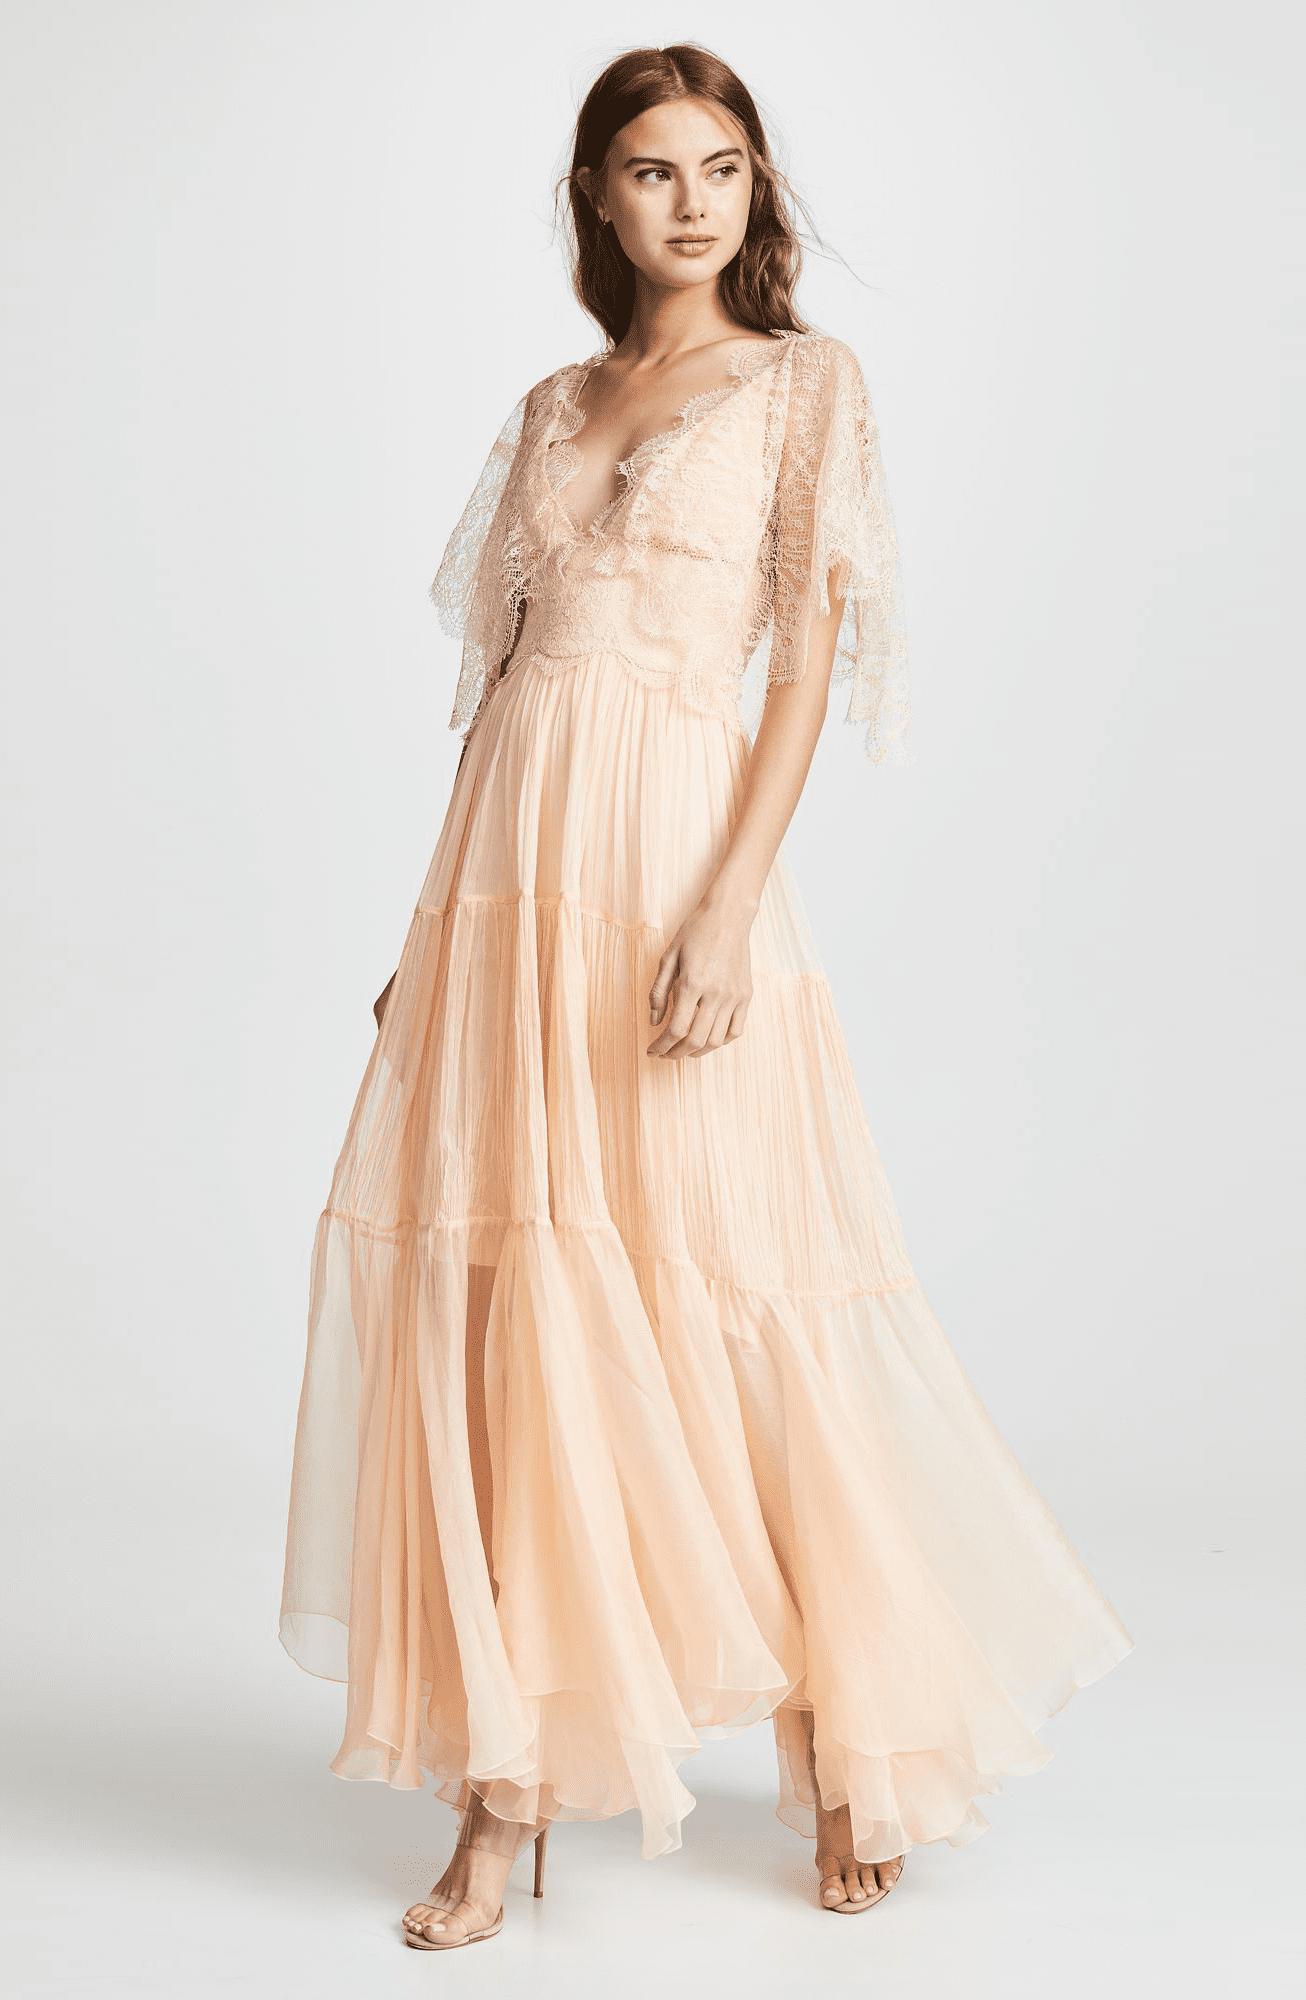 29 Elegant Formal Wedding Guest Dresses For A Black Tie Wedding In 2020 Lace Wedding Guest Dress Formal Wedding Guest Dress Formal Wedding Guests